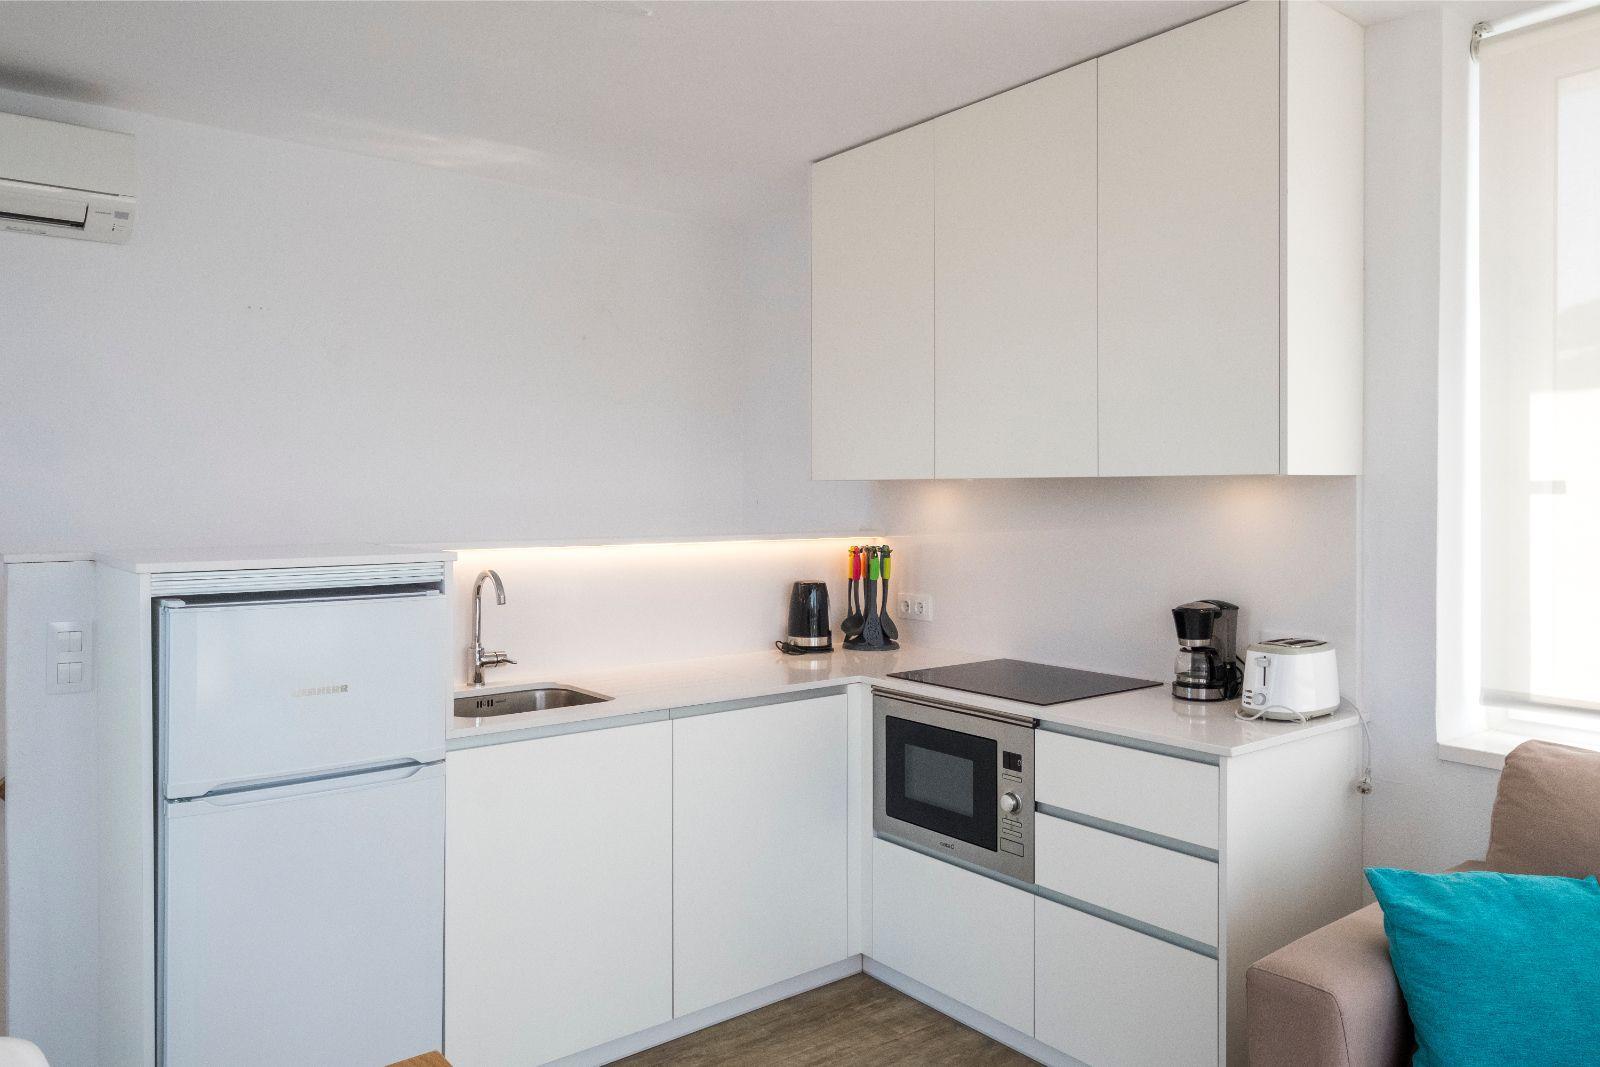 Apartamento de 1 dormitorio con vistas al mar - Apartamentos Playa de Canutells